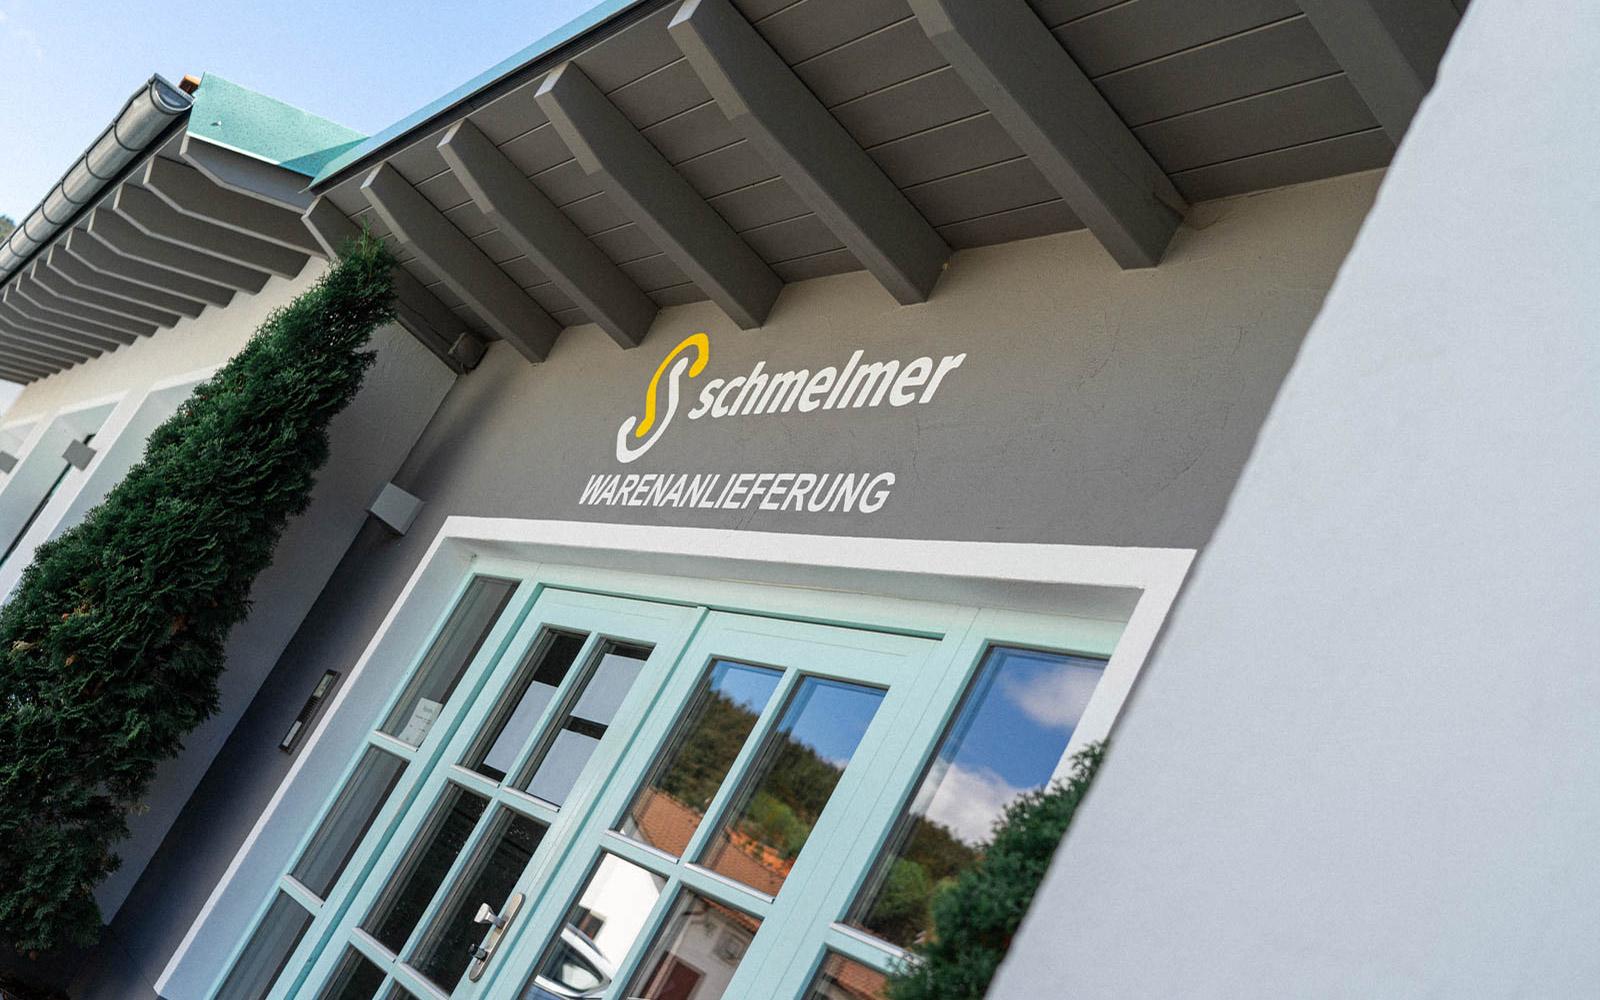 Werner Schmelmer GmbH & Co.KG – Logo Warenanlieferung